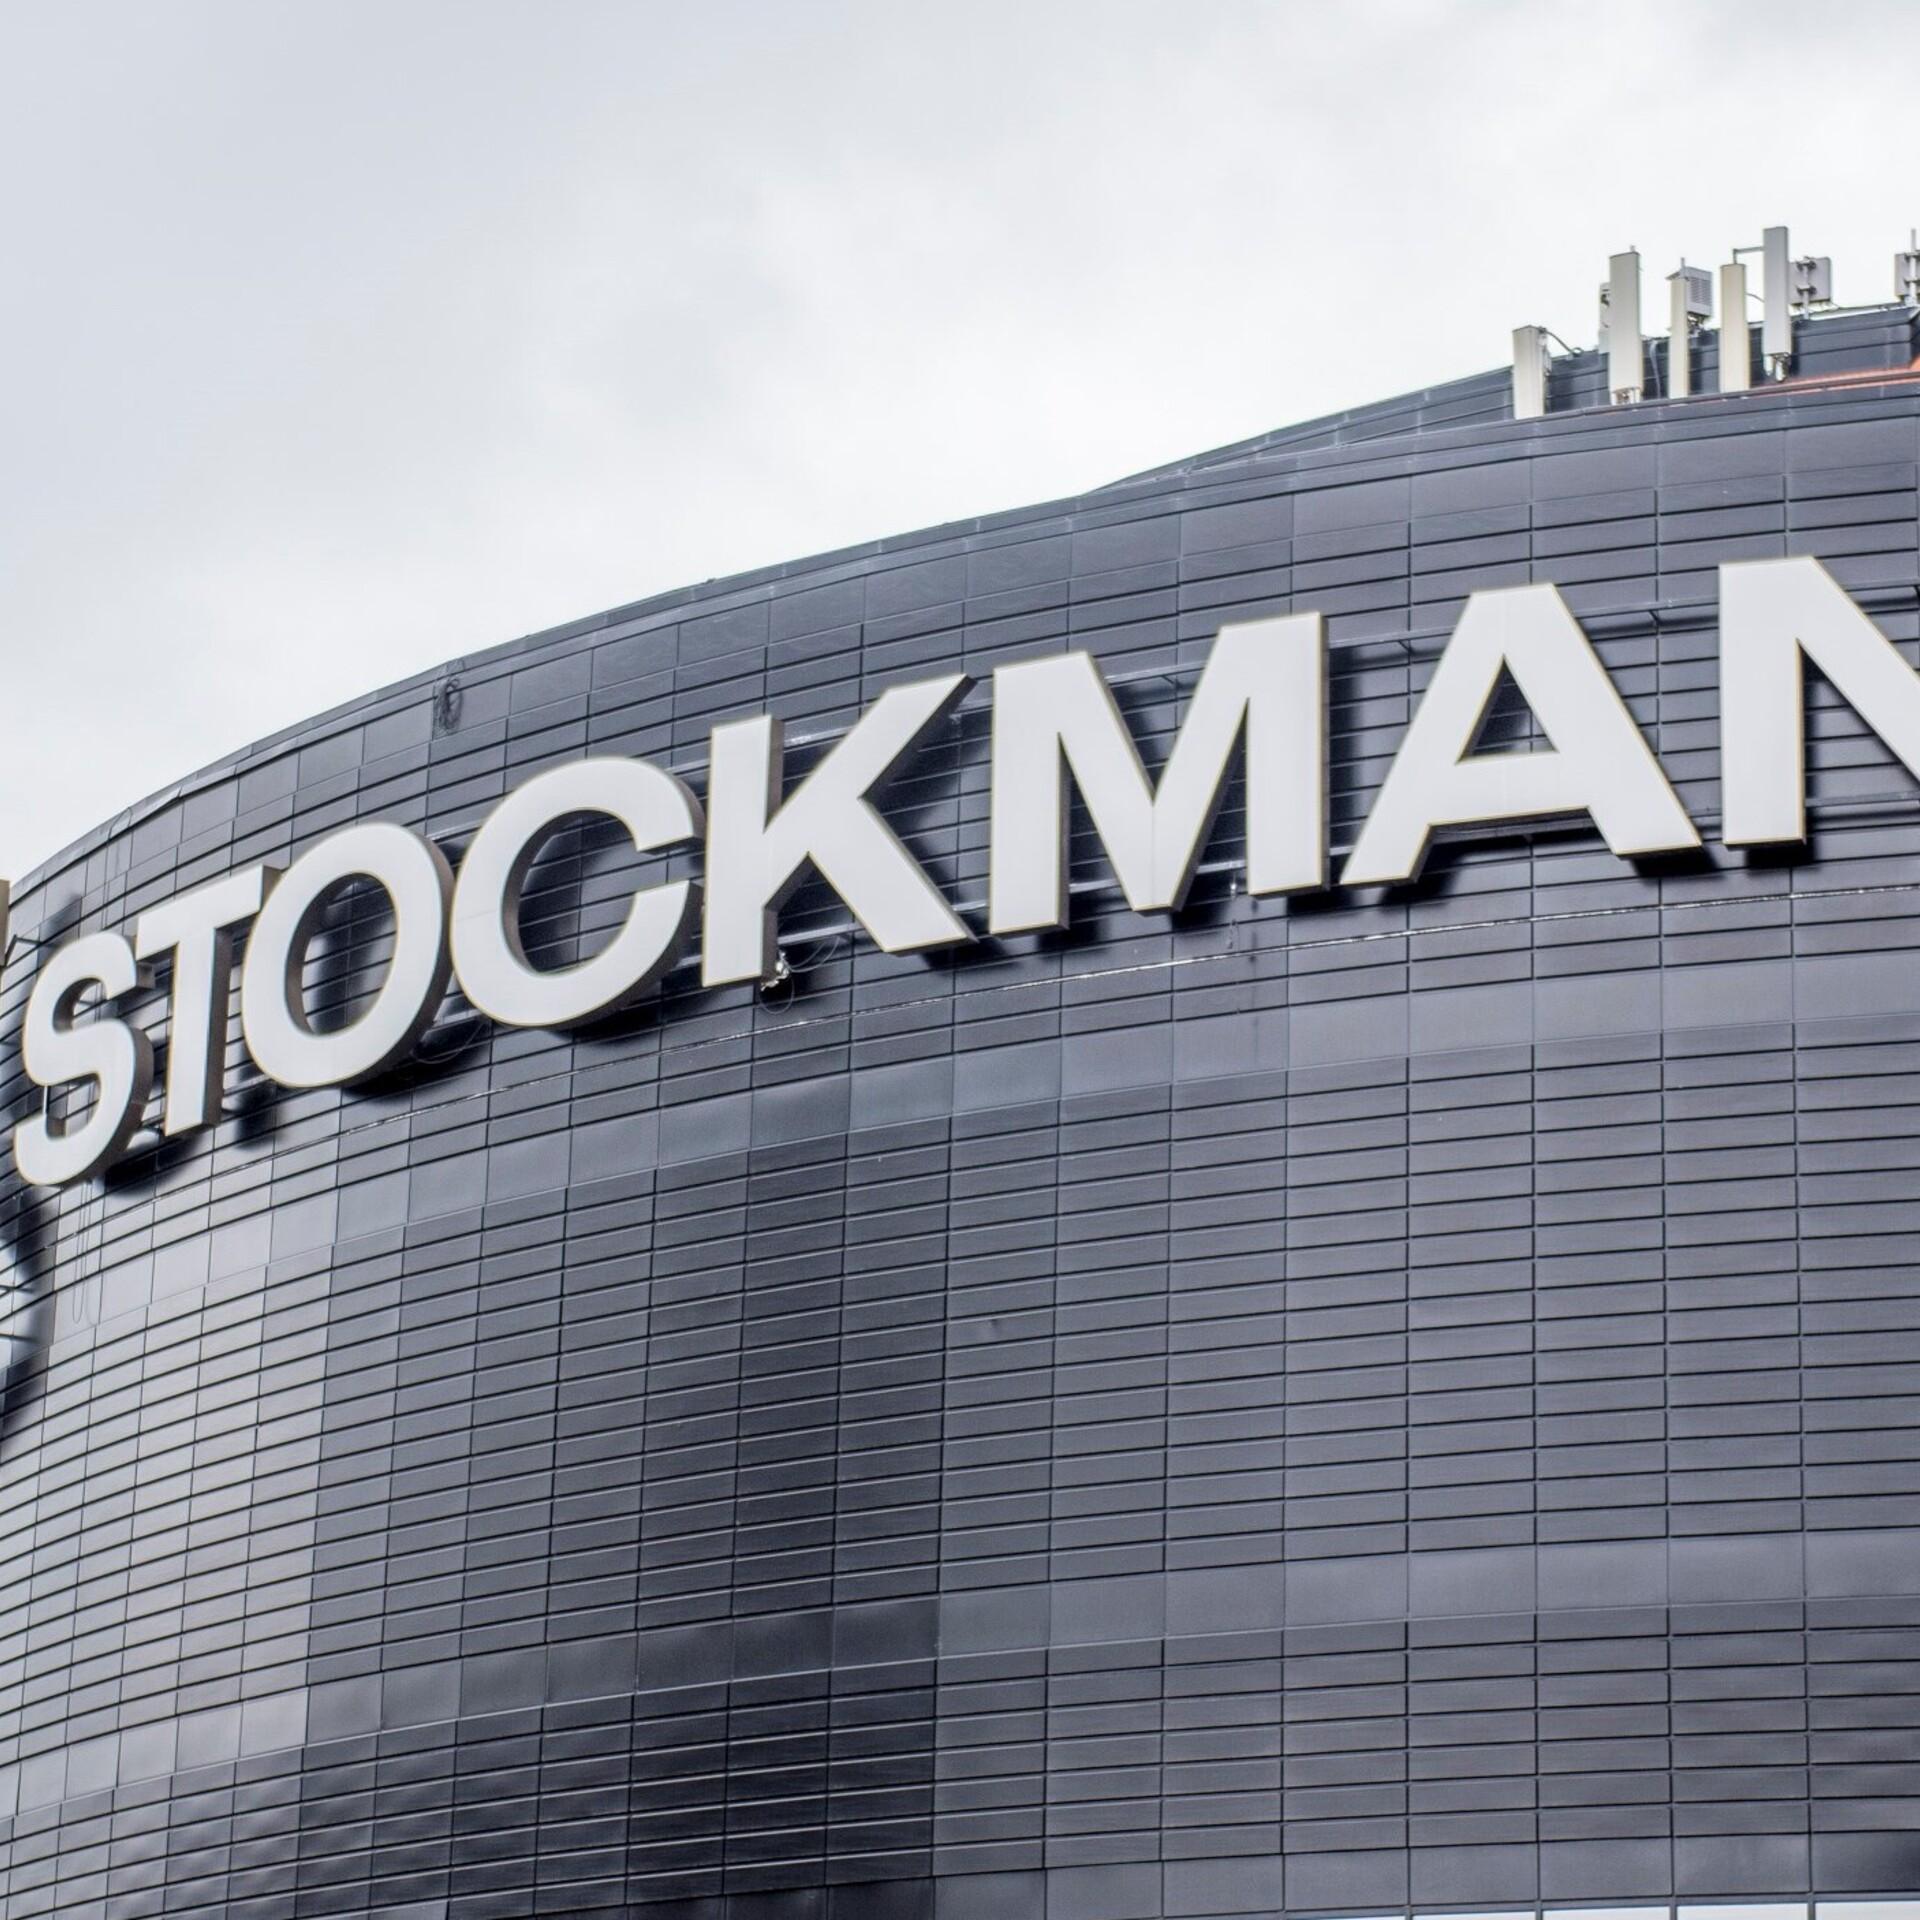 83a147a5dff Stockmann jõudis möödunud aastal Eestis kasumisse   Majandus   ERR